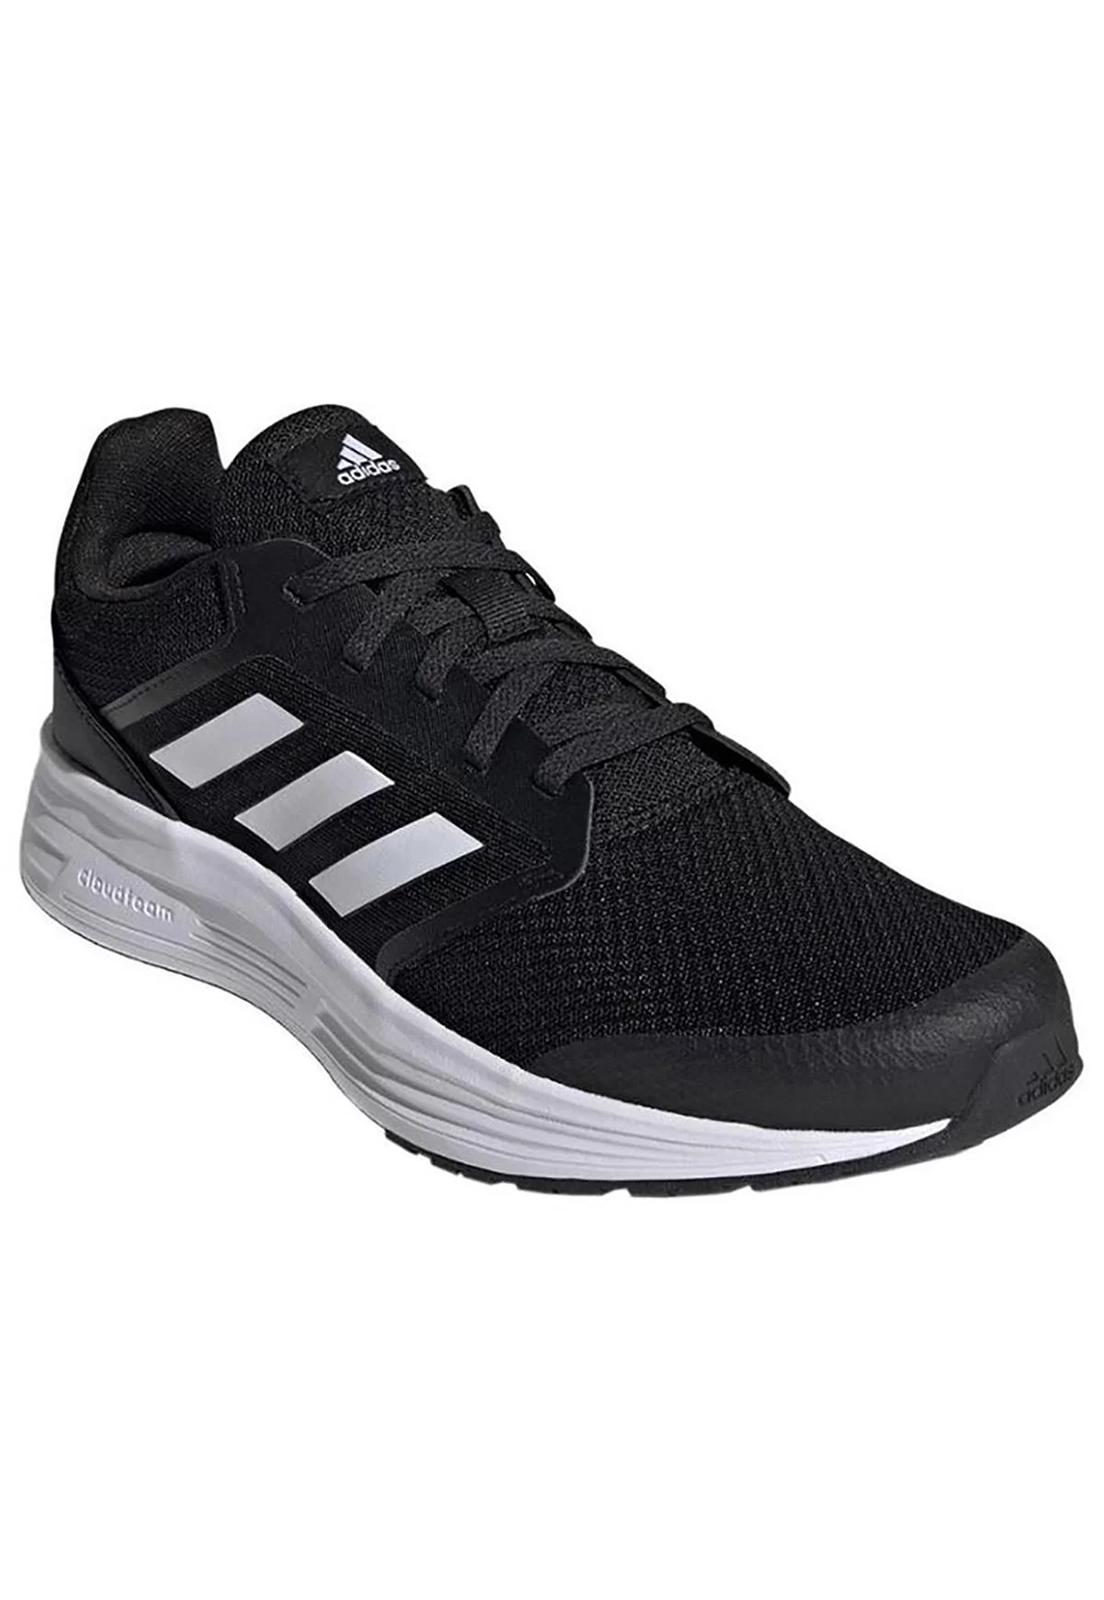 Tênis Adidas Galaxy 5 Preto e Branco